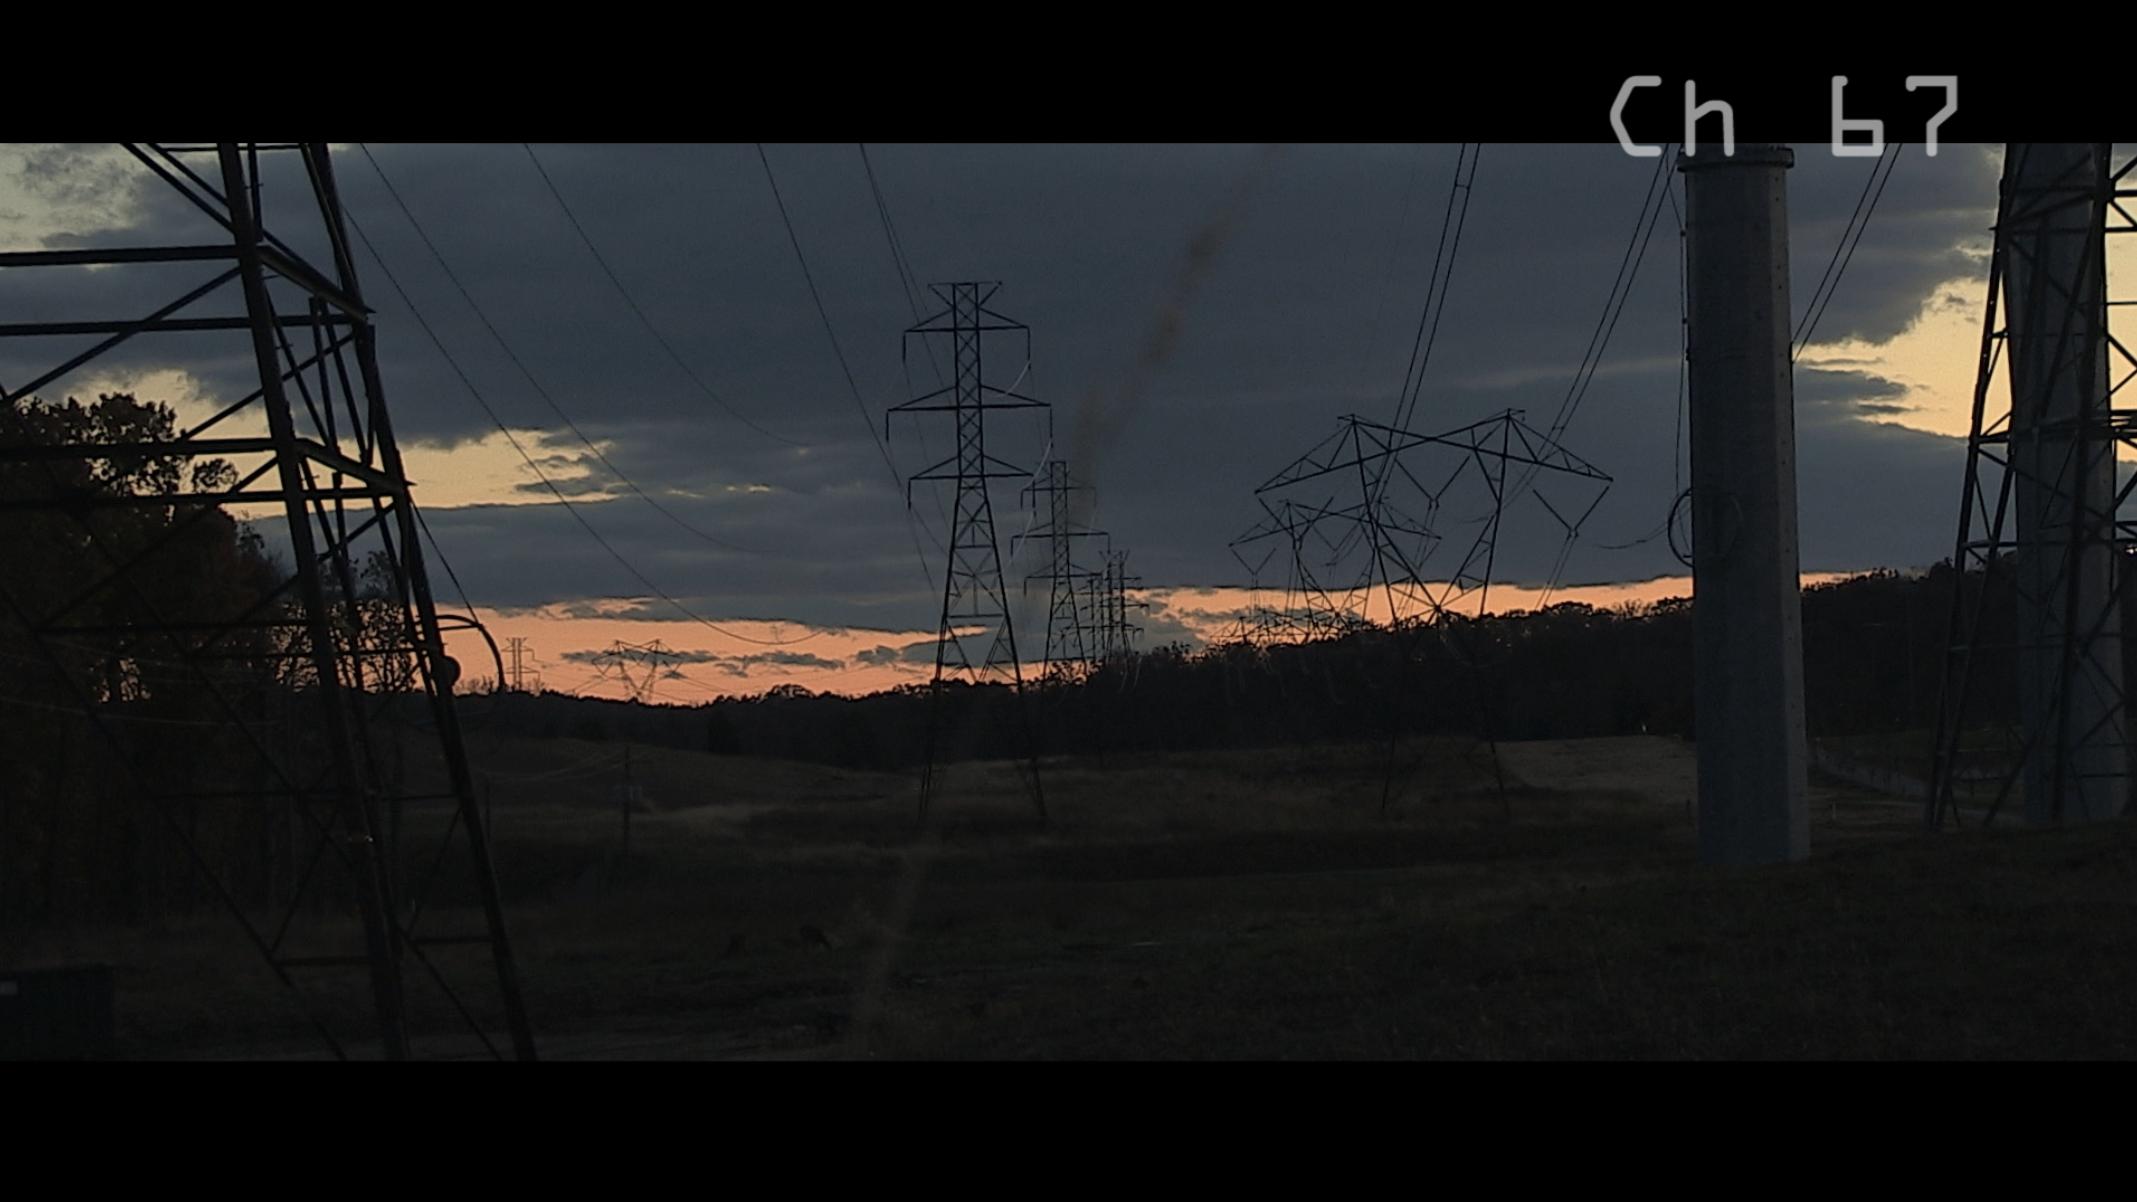 Screen Shot 2015-02-25 at 10.46.55 PM.png